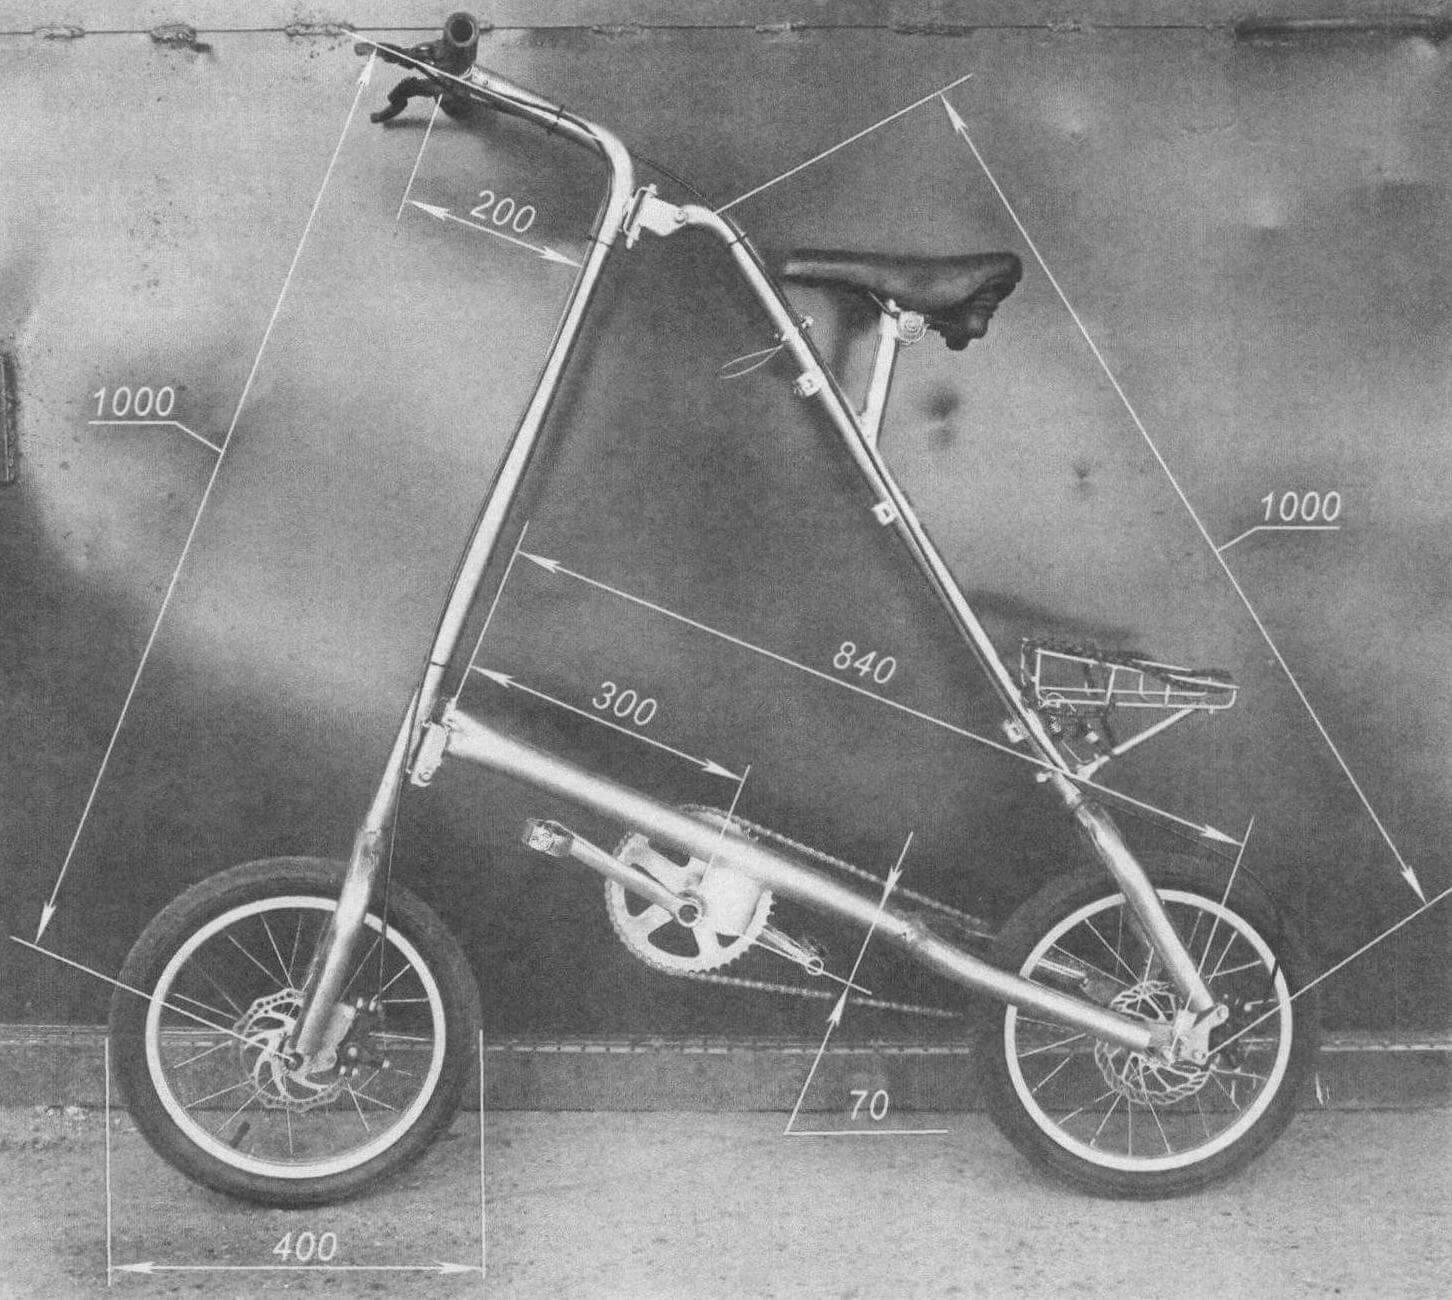 Размеры своего велосипеда я подбирал индивидуально